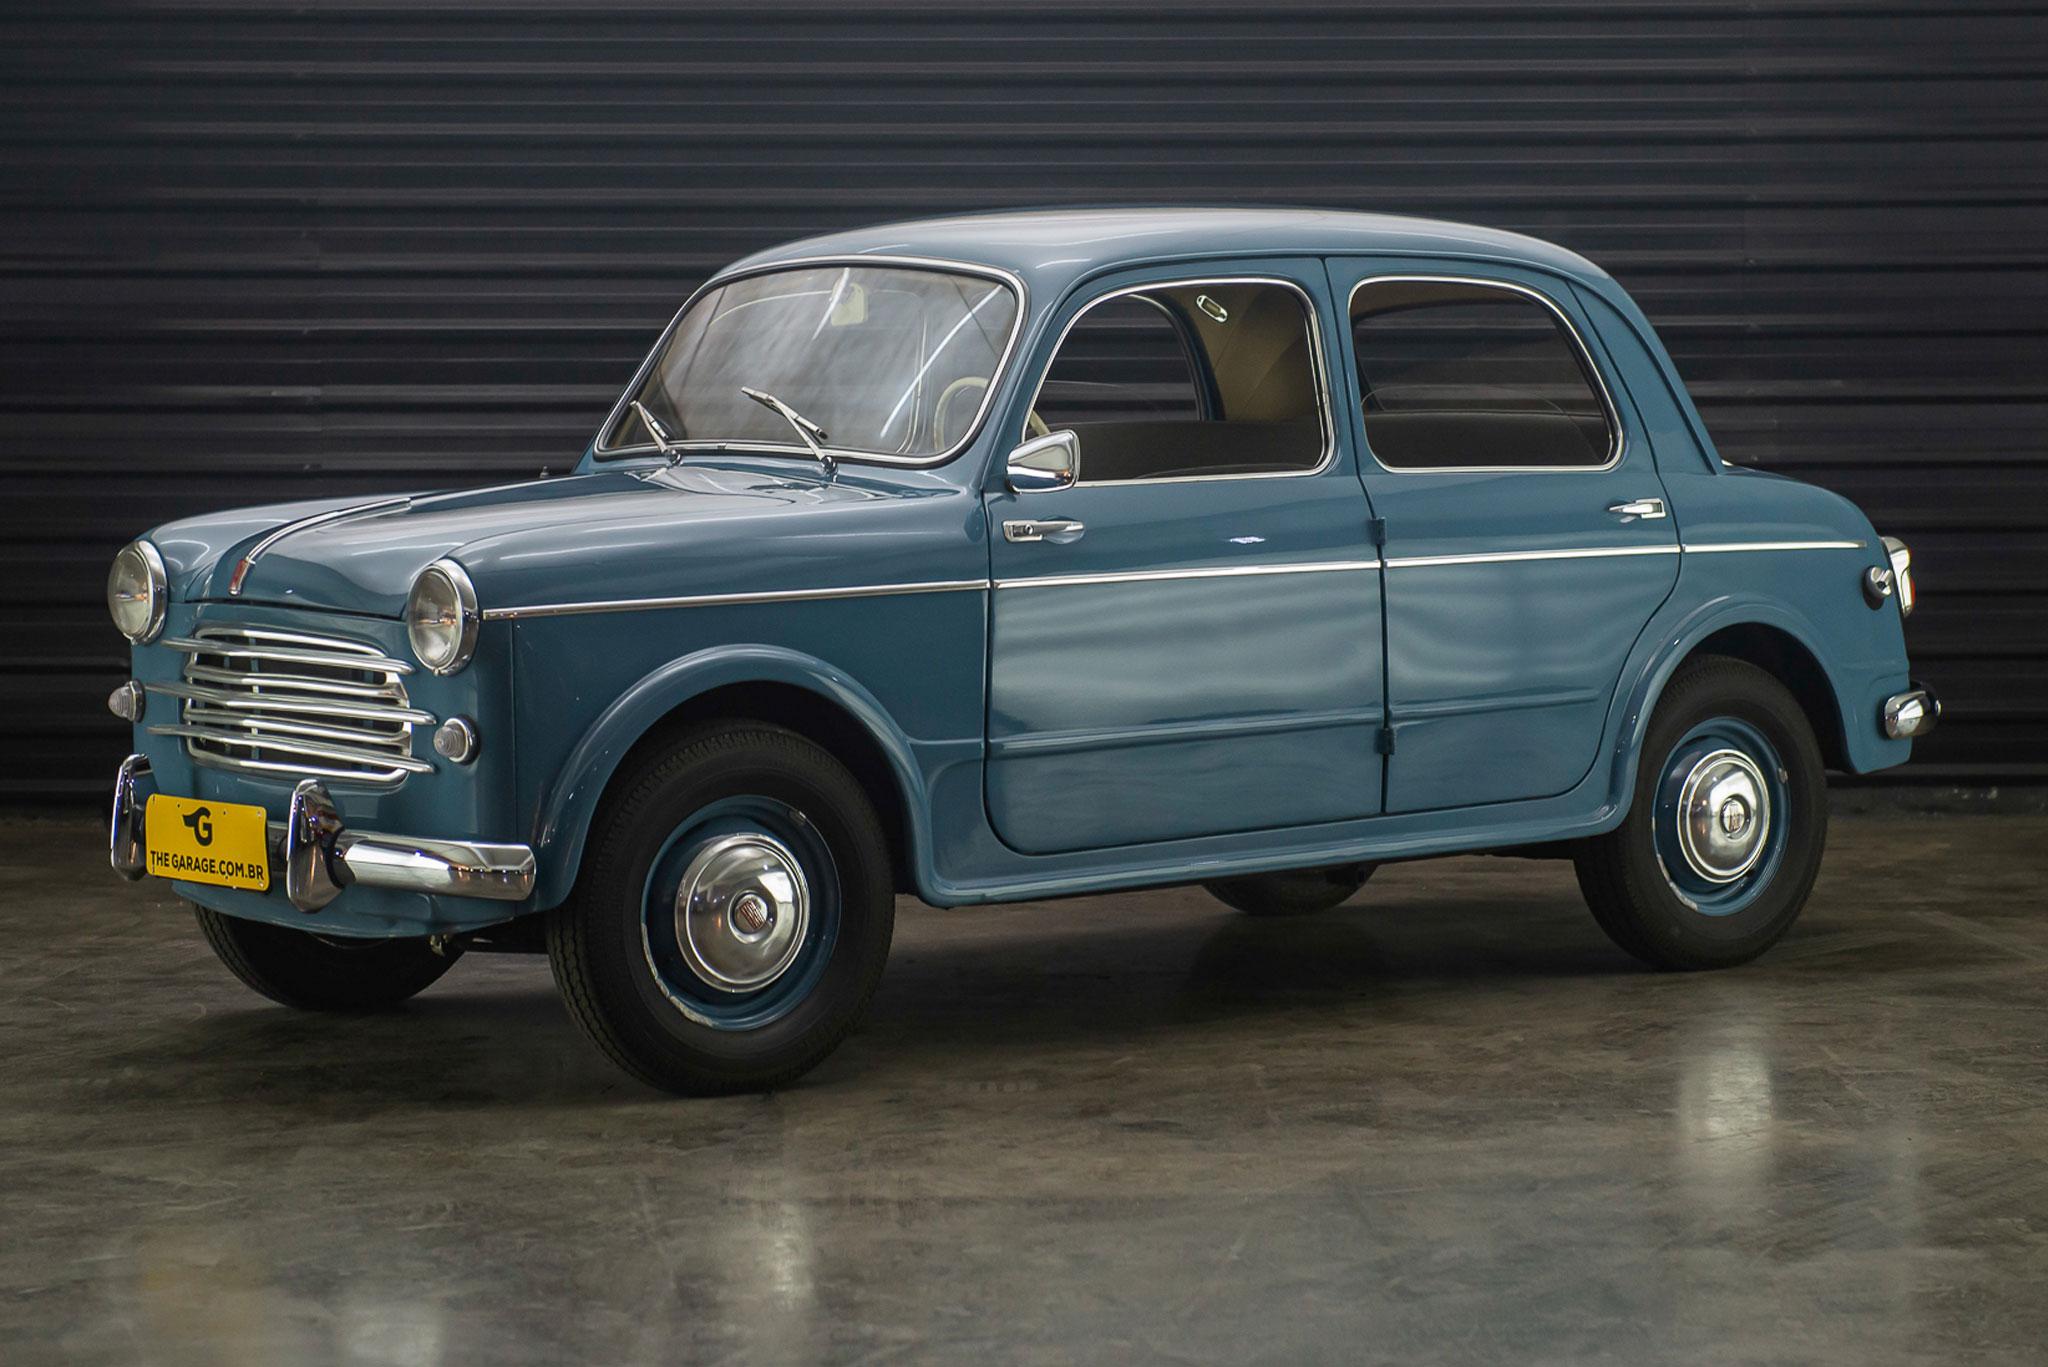 1955-Fiat-Millecento-a-venda-sao-paulo-sp-for-sale-the-garage-classicos-a-melhor-loja-de-carros-antigos-acervo-de-carros